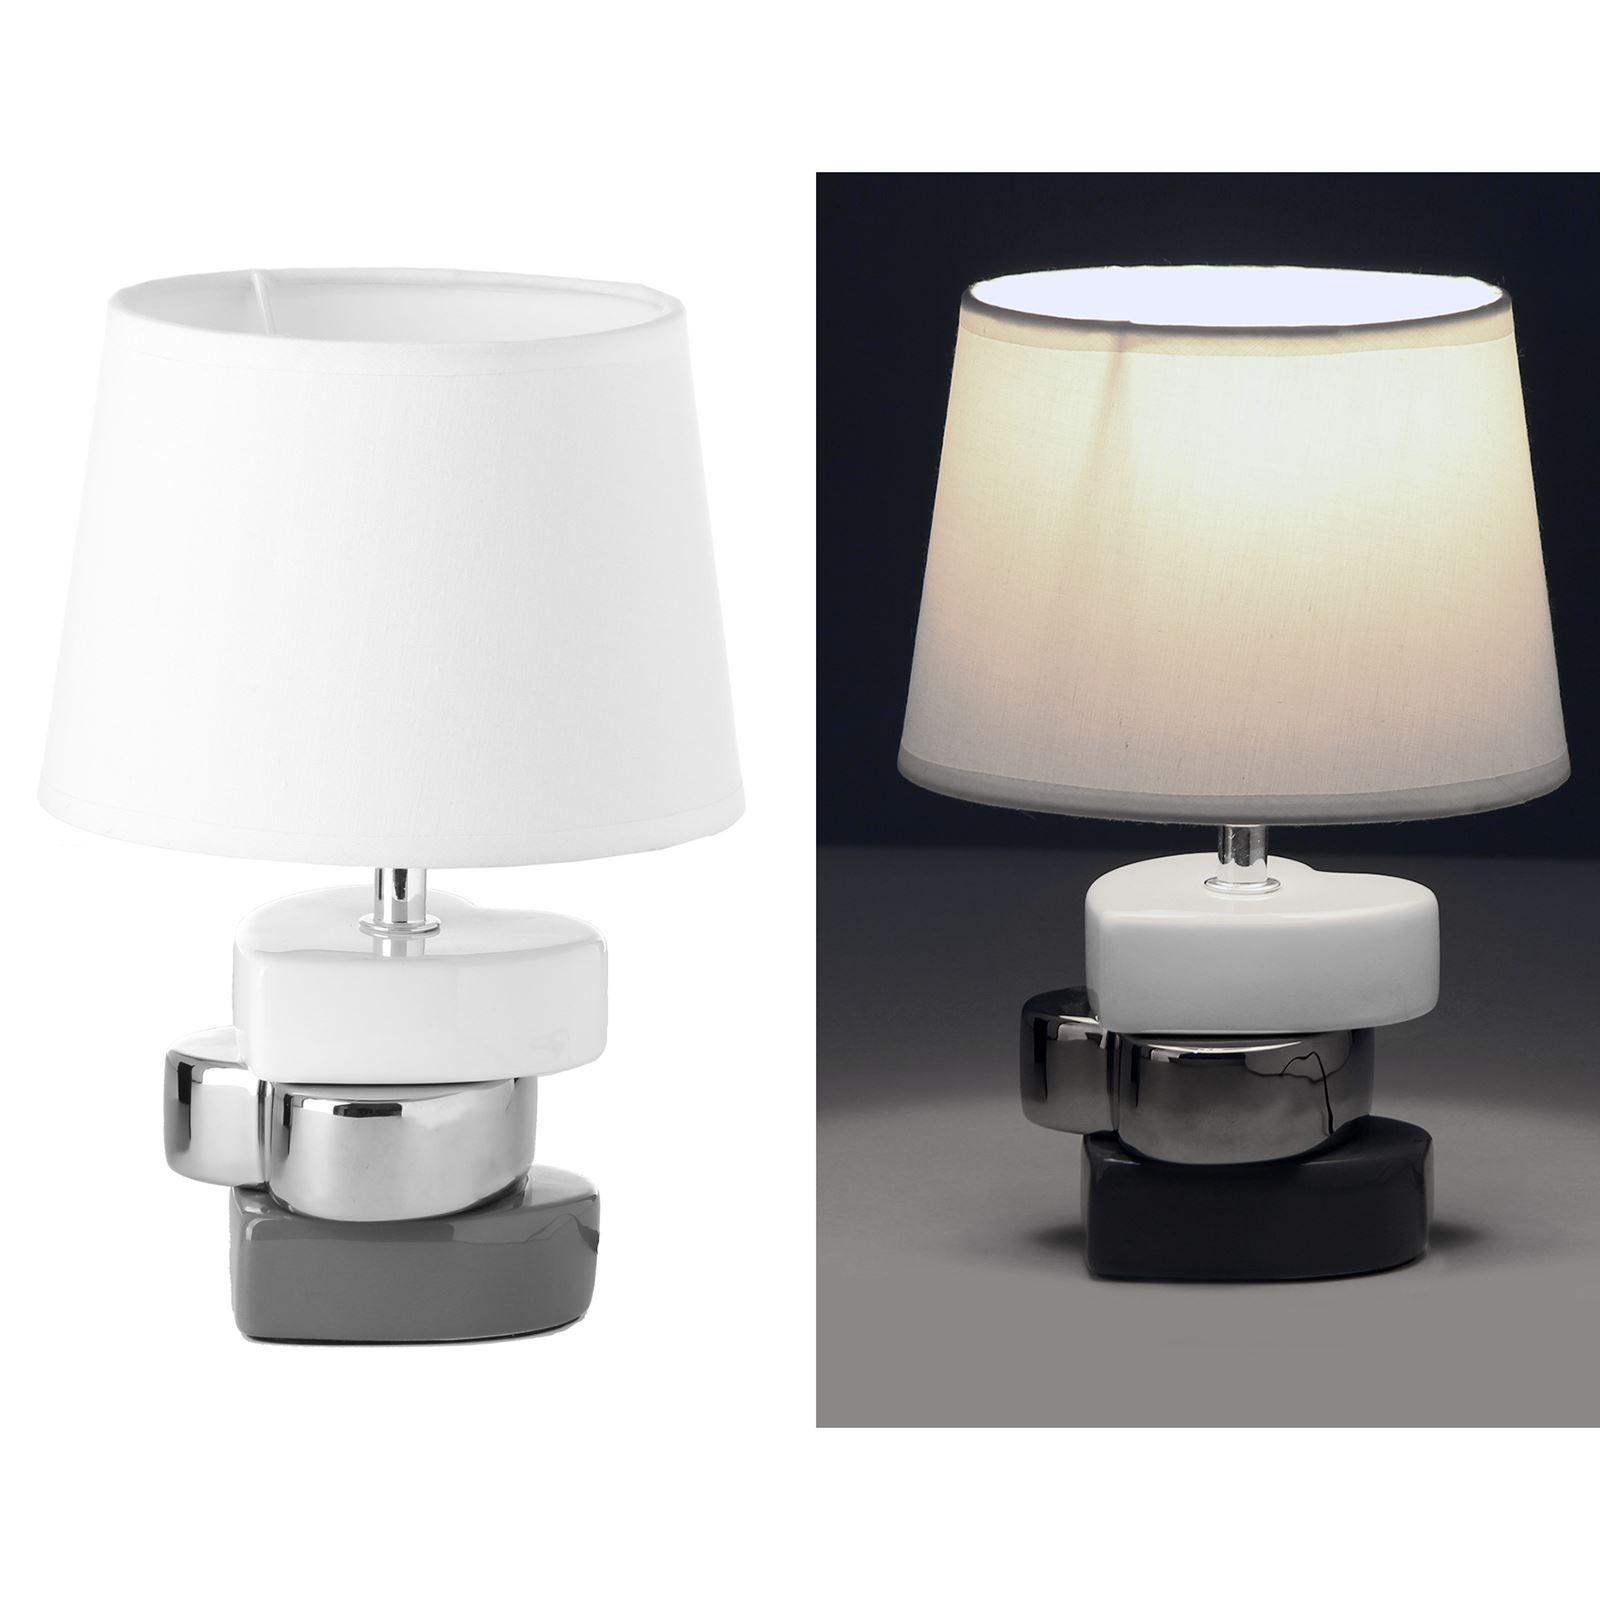 Lamparas mesa noche great lampara de sobremesa tela beige - Lamparas modernas para dormitorio ...